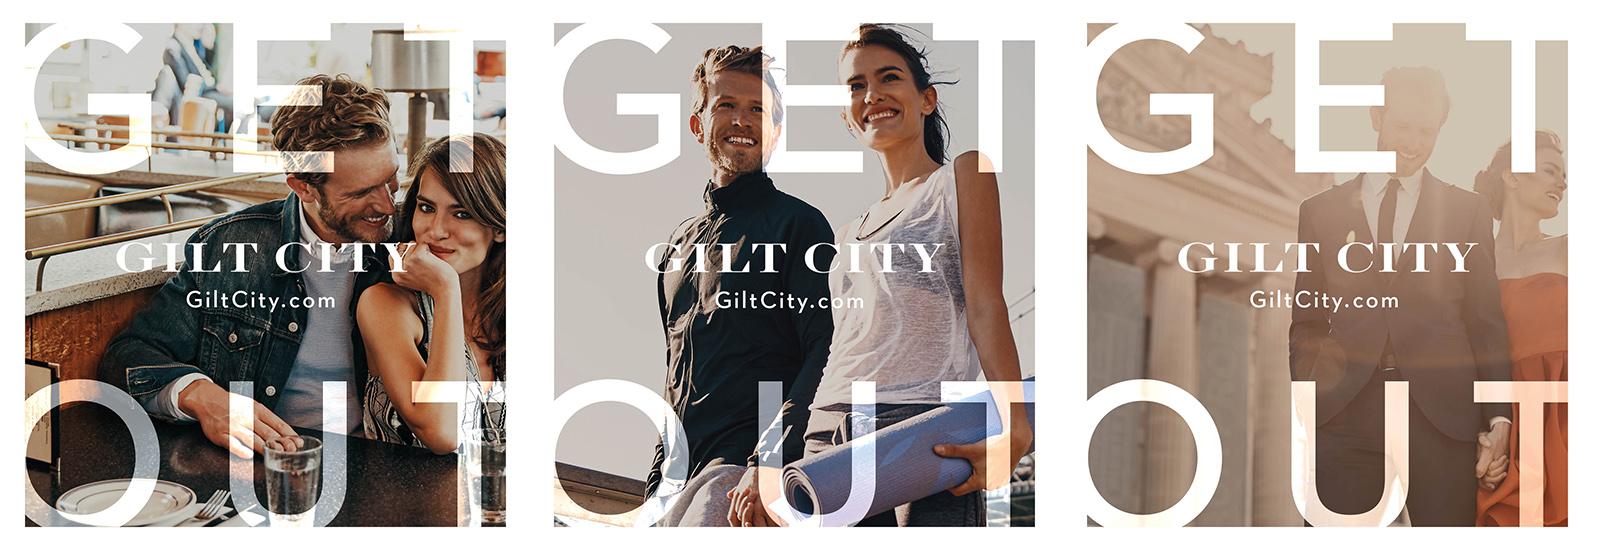 GiltCity_Campaign_square_main_01